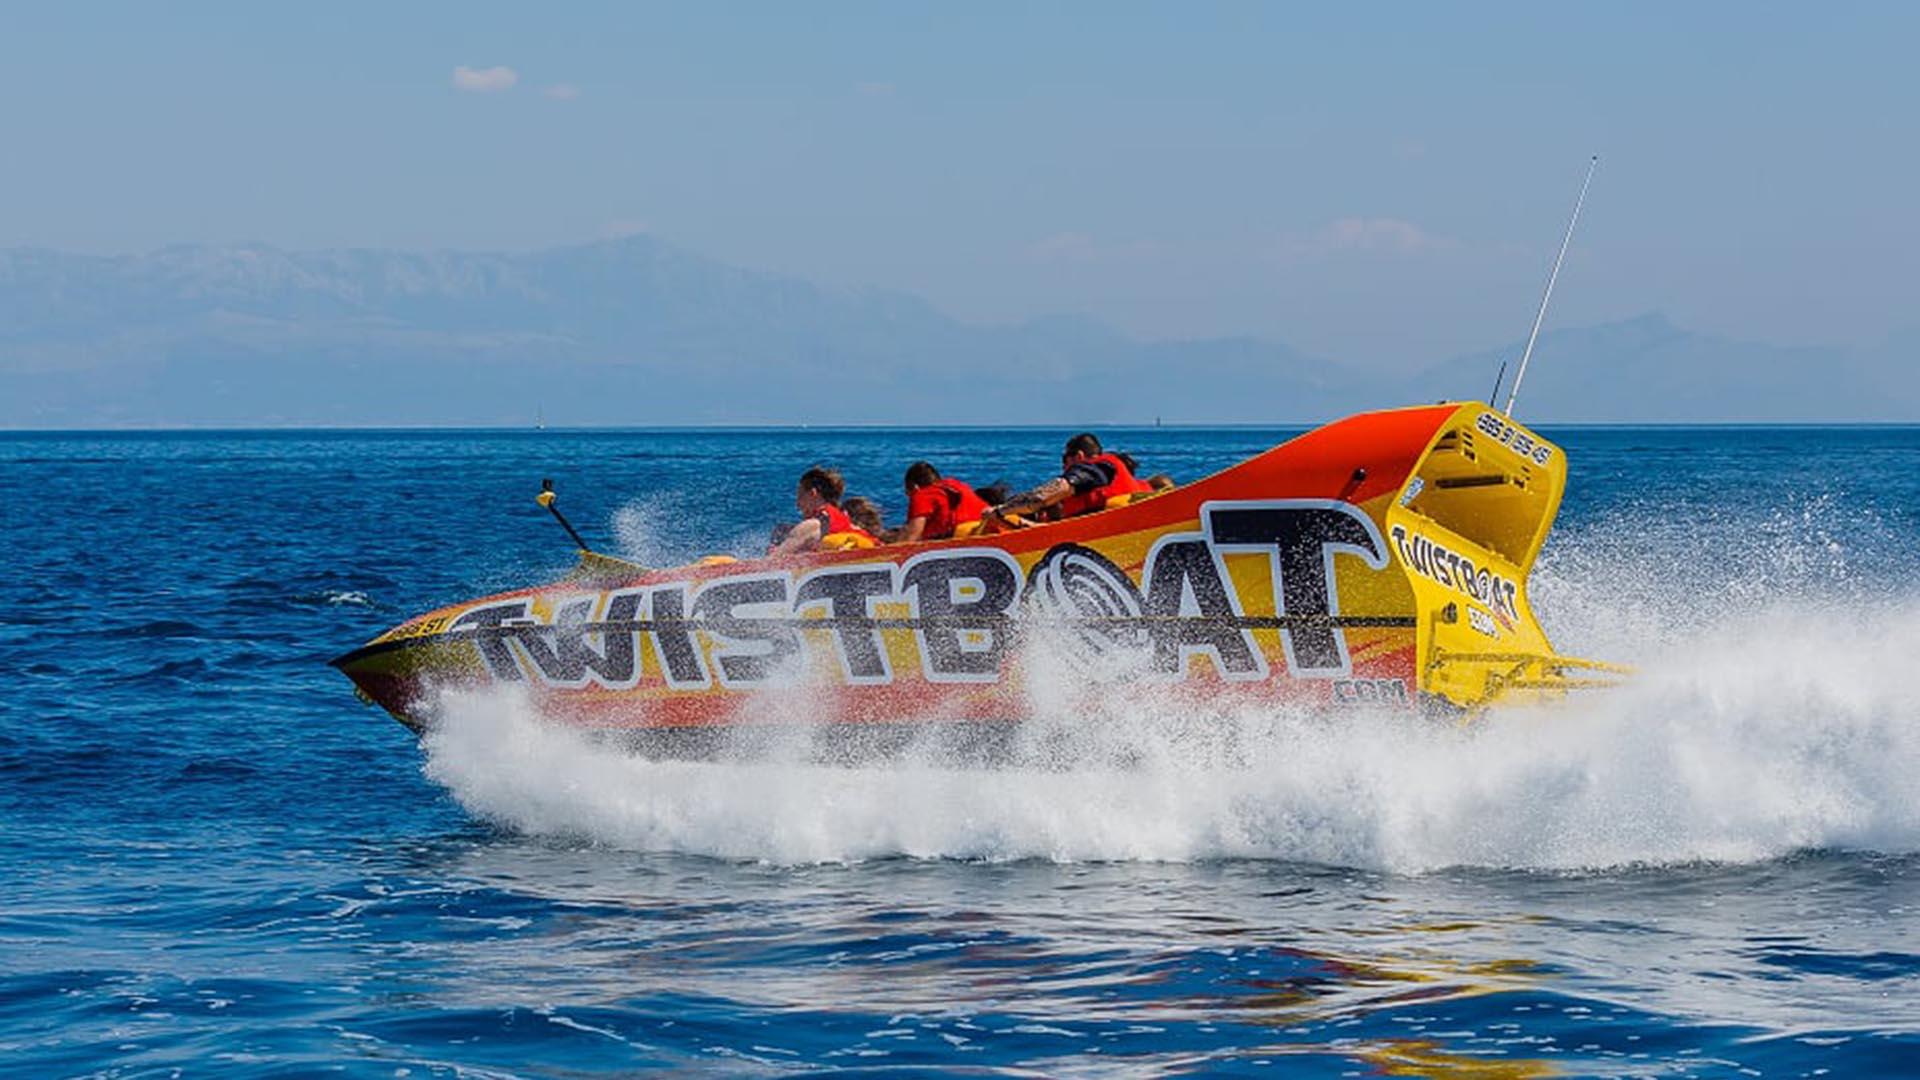 Twistboat 8